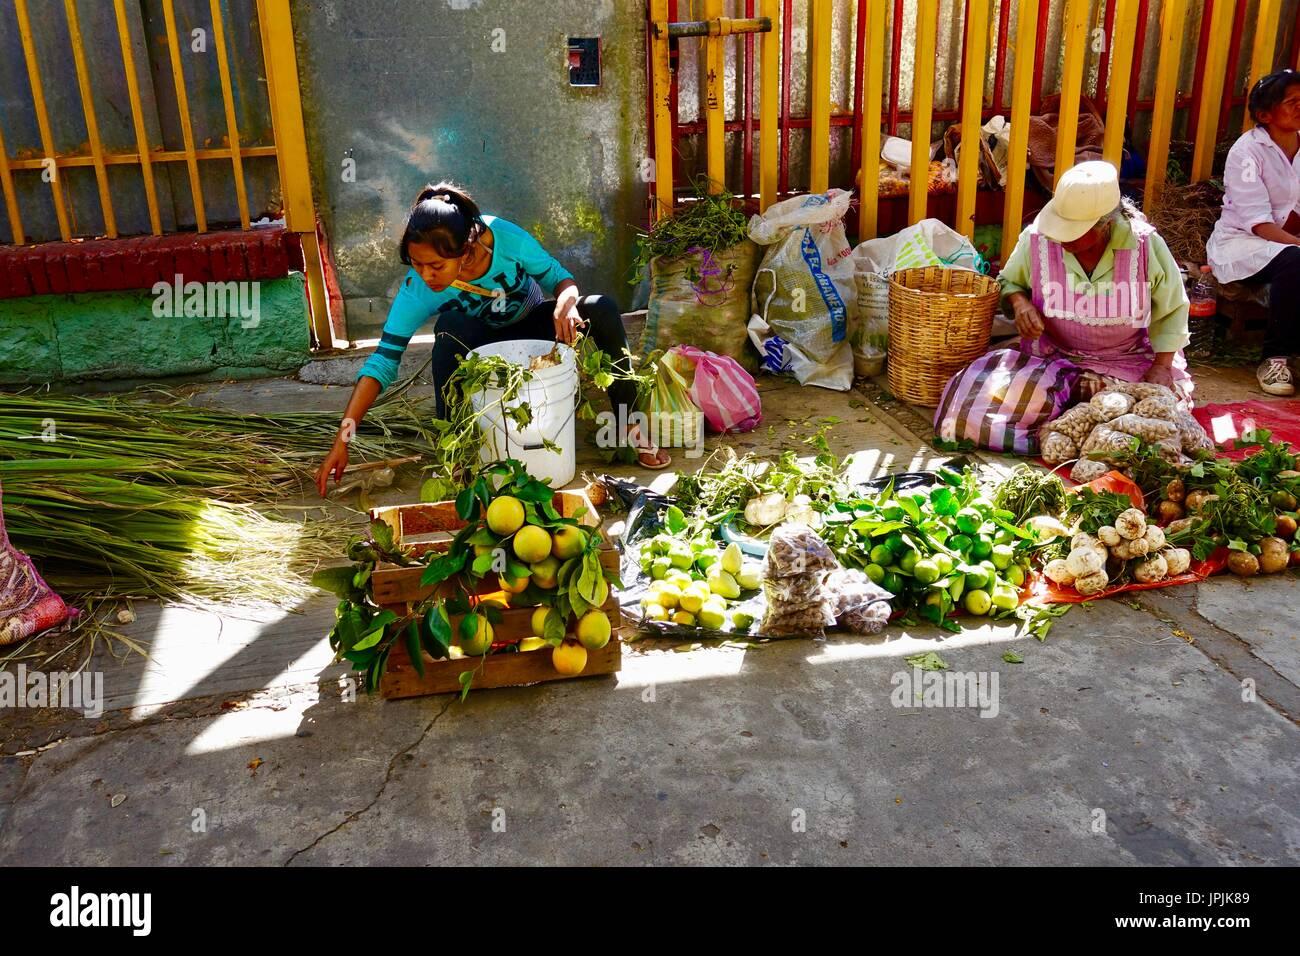 women-selling-produce-on-sidewalk-outsid